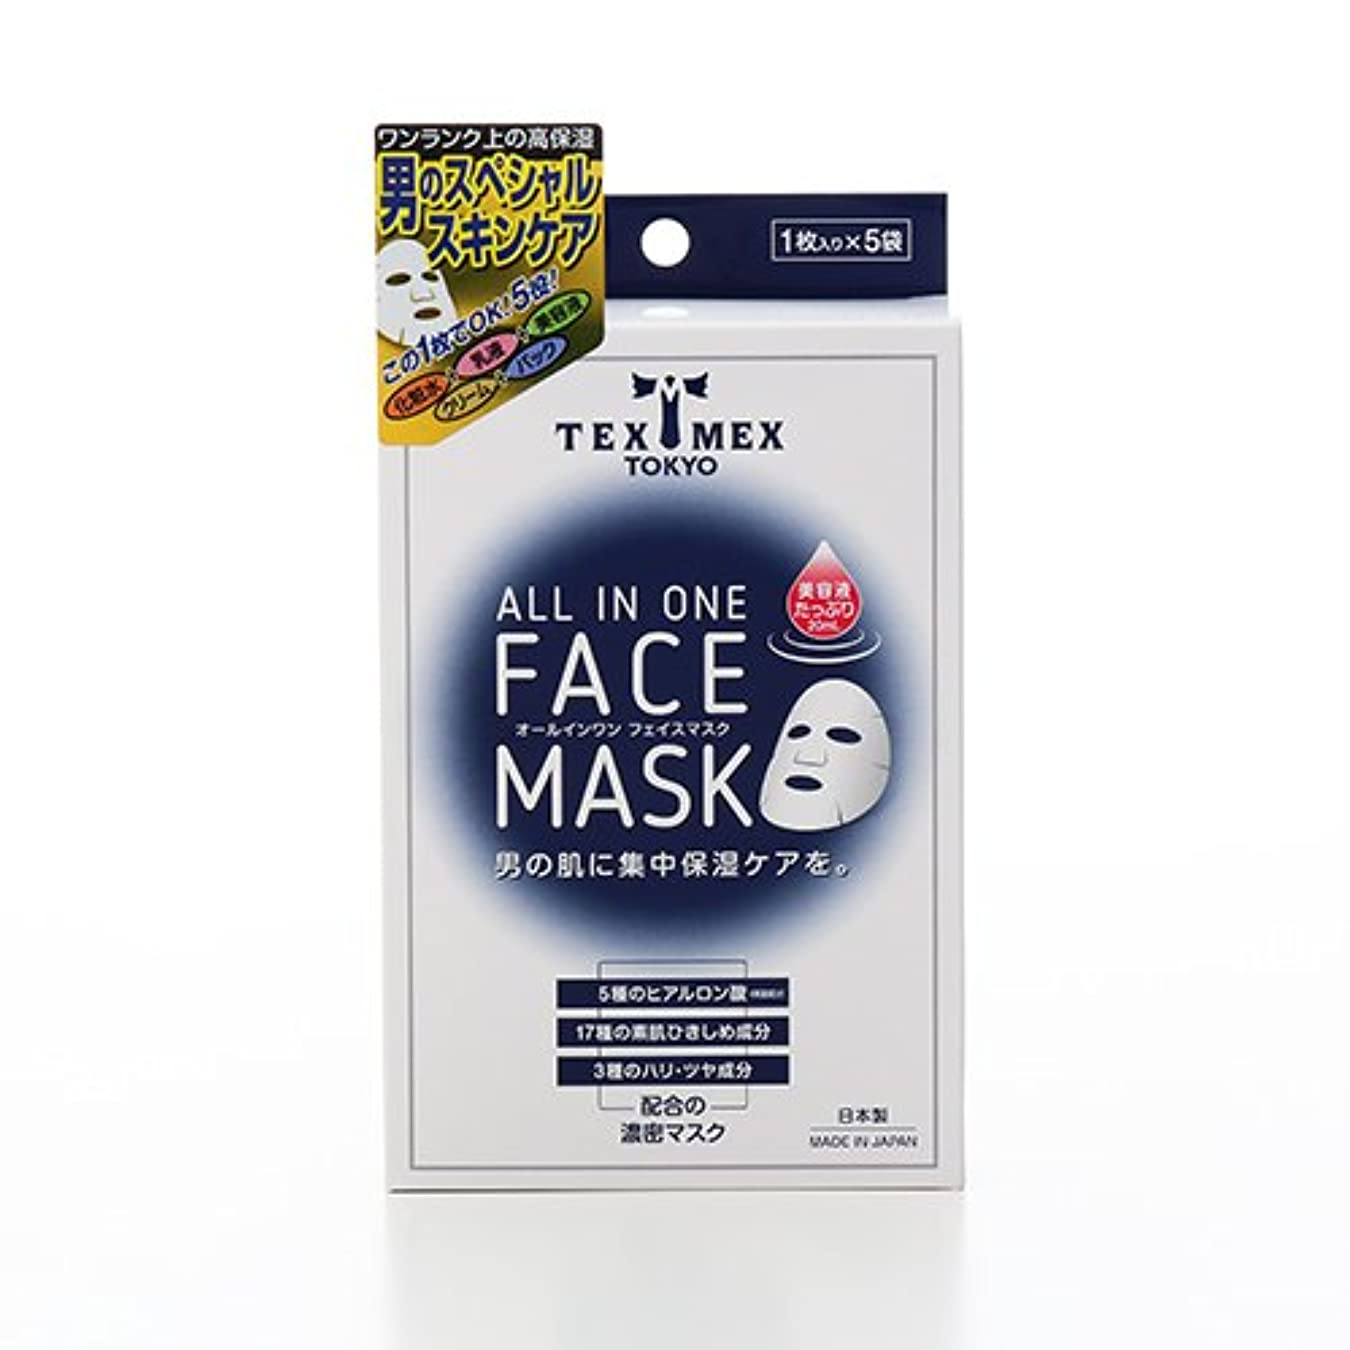 続編ホバー袋テックスメックス オールインワンフェイスマスク 5袋入り 【シート状美容マスク】